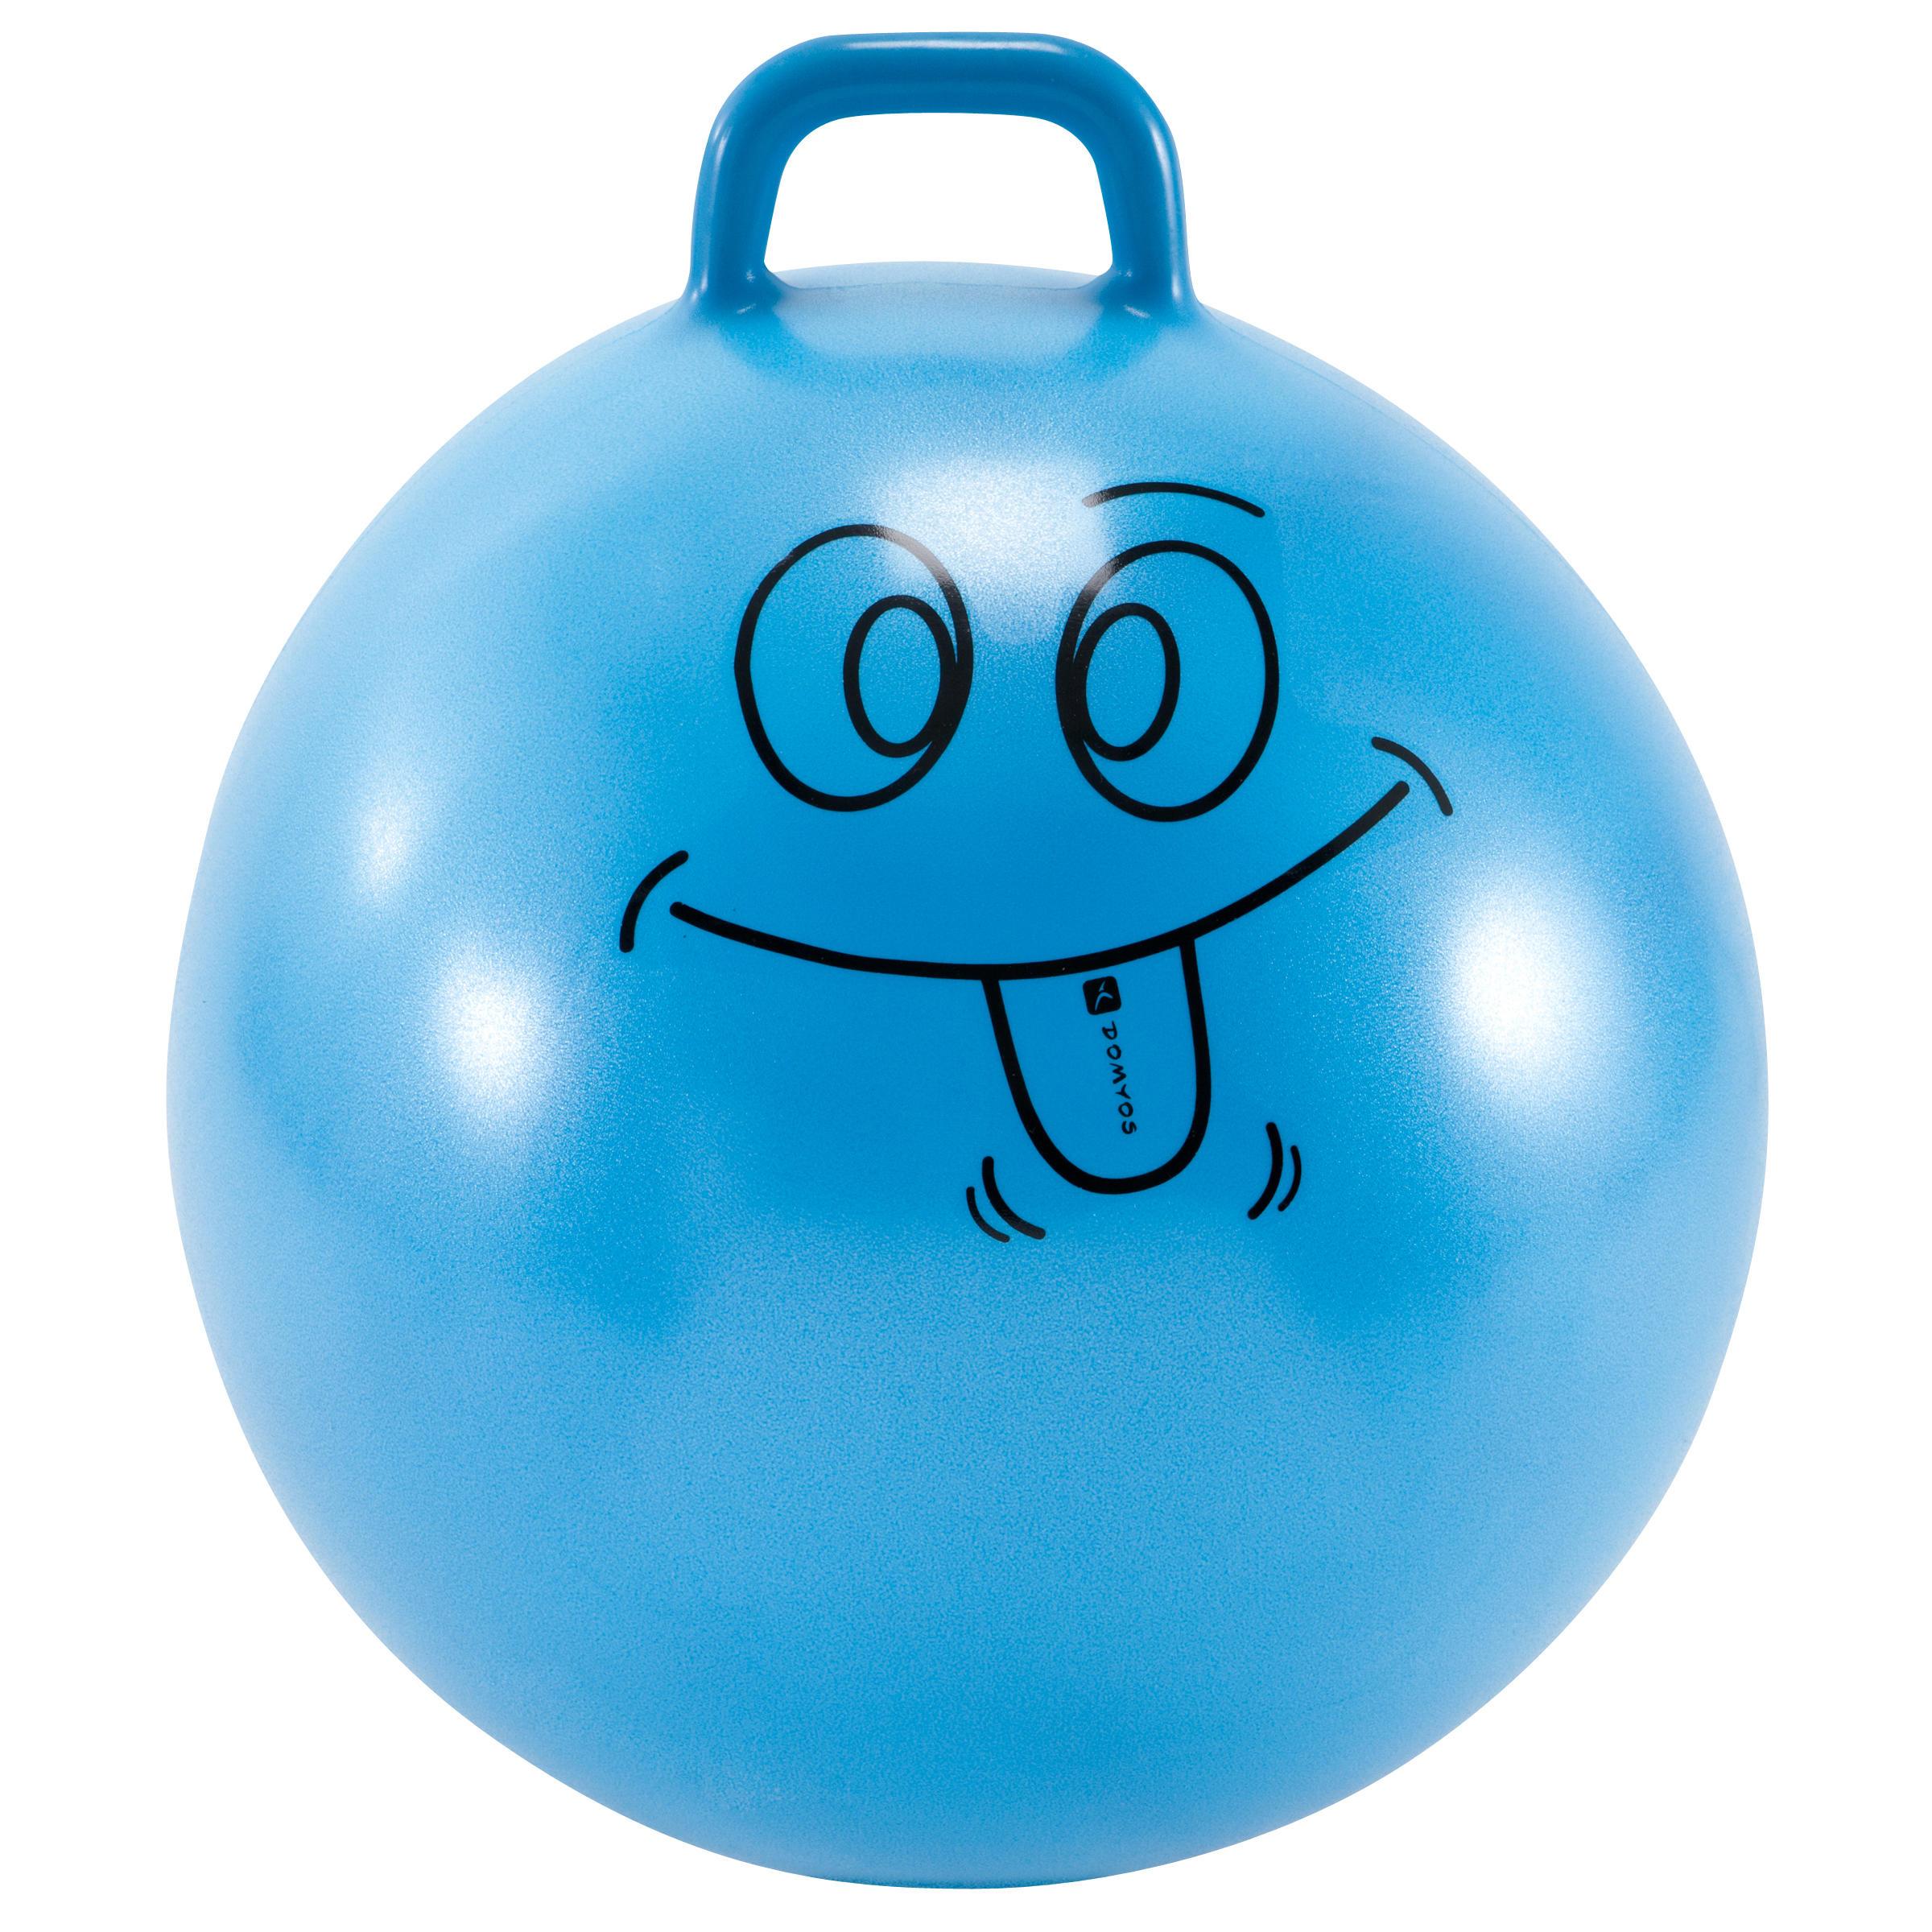 ลูกบอลออกกำลังกายแบ...